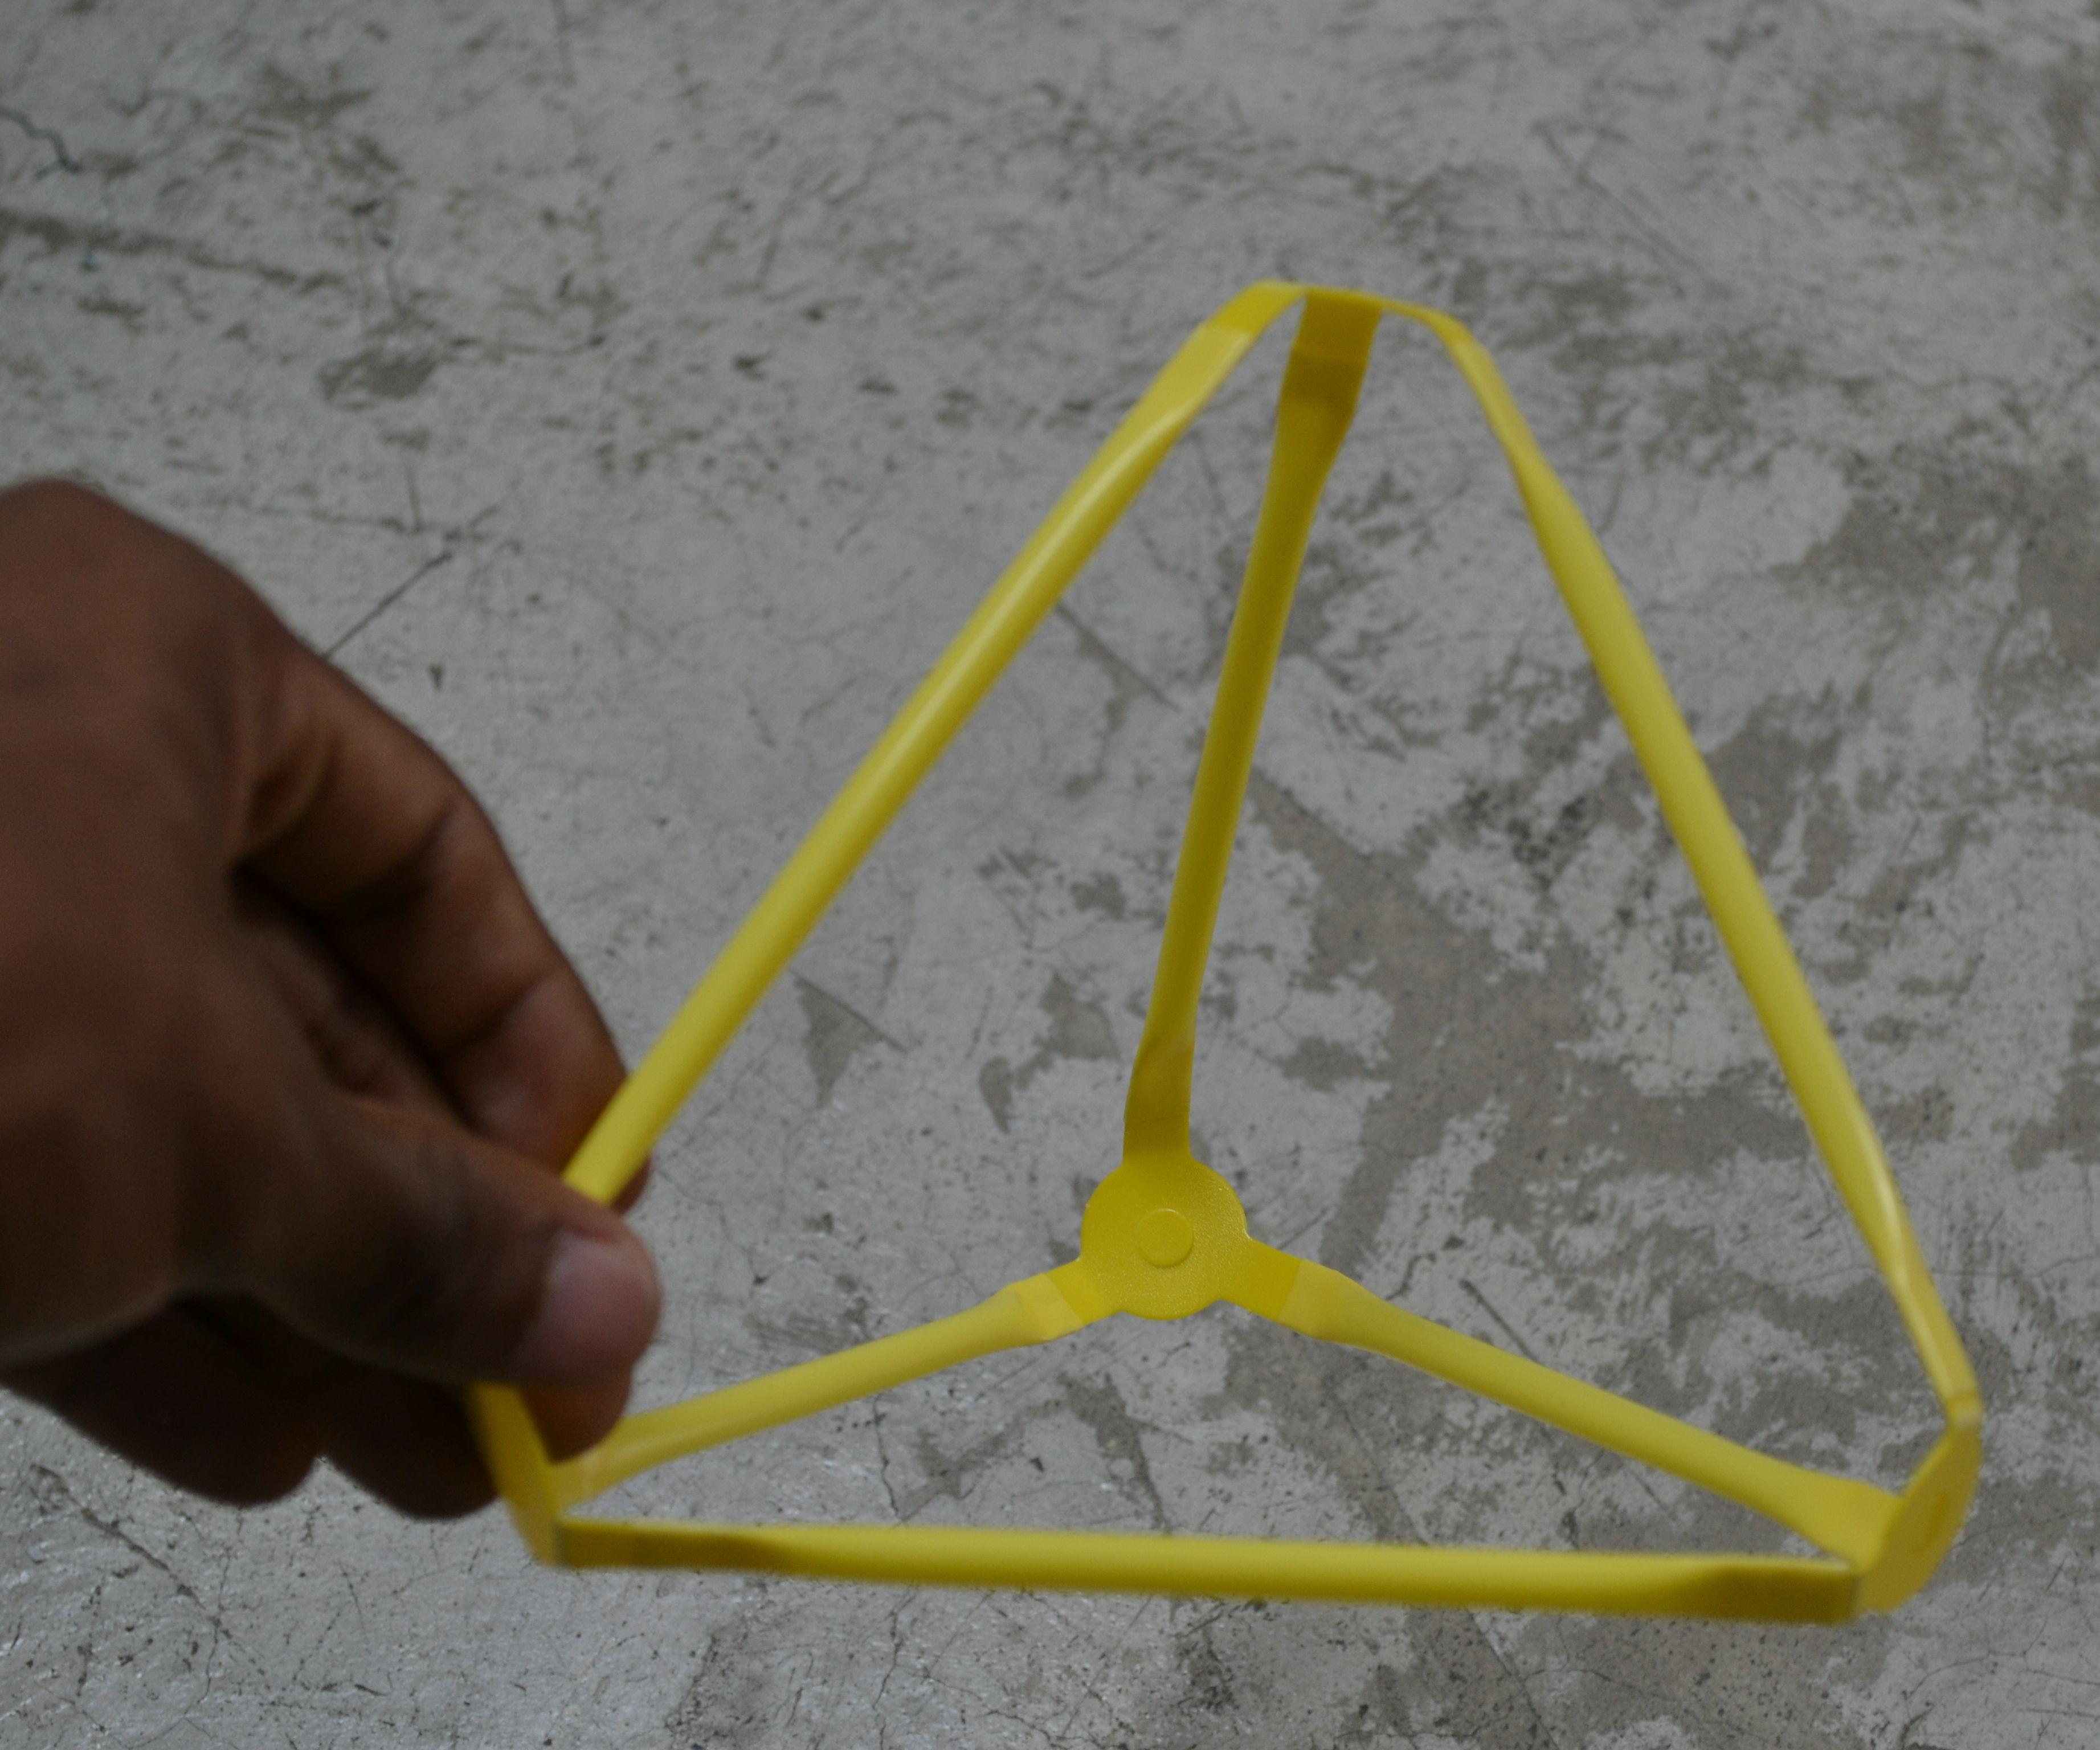 Como hacer una pirámide con strawbees